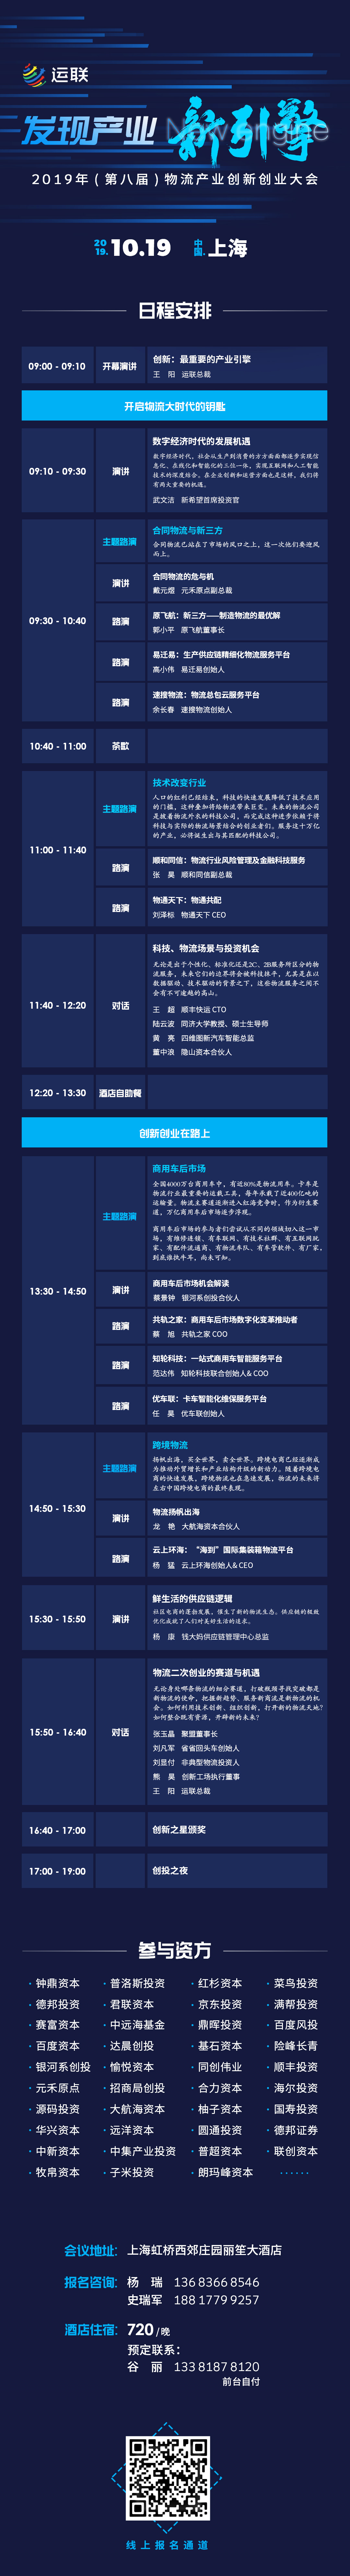 北京凯运天地_运联网_让世界重新看见物流